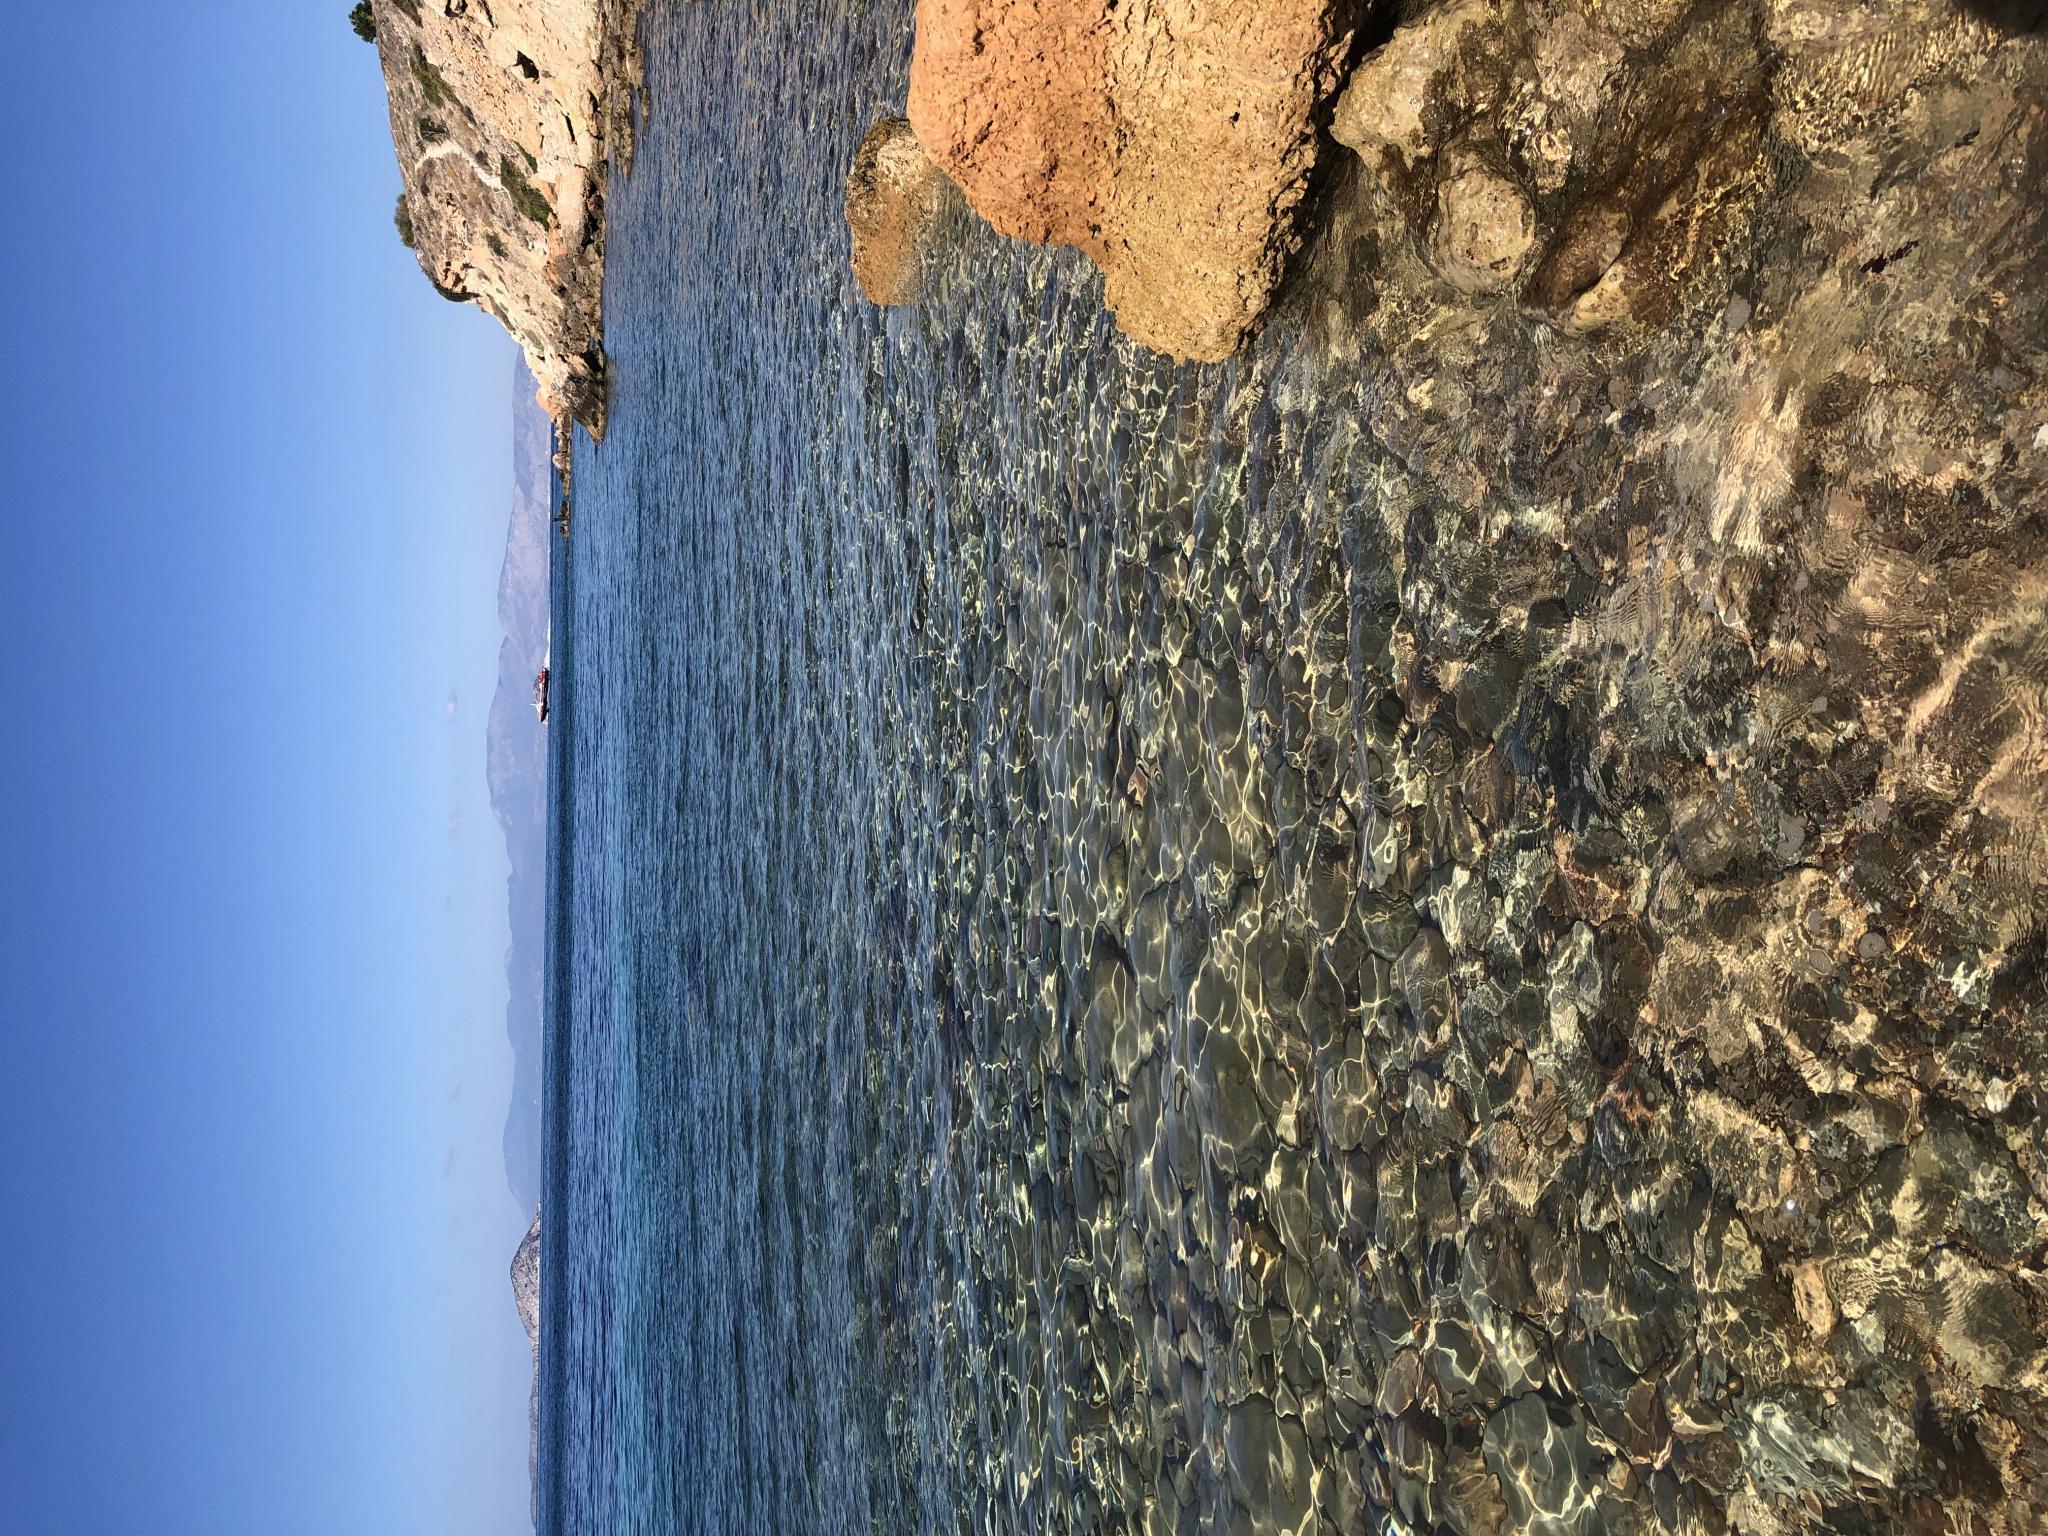 Strong earthquake strikes Aegean Sea, shaking Turkey, Greece-201374d5-1a0e-4aba-8e3c-db4a39fc621f-jpg